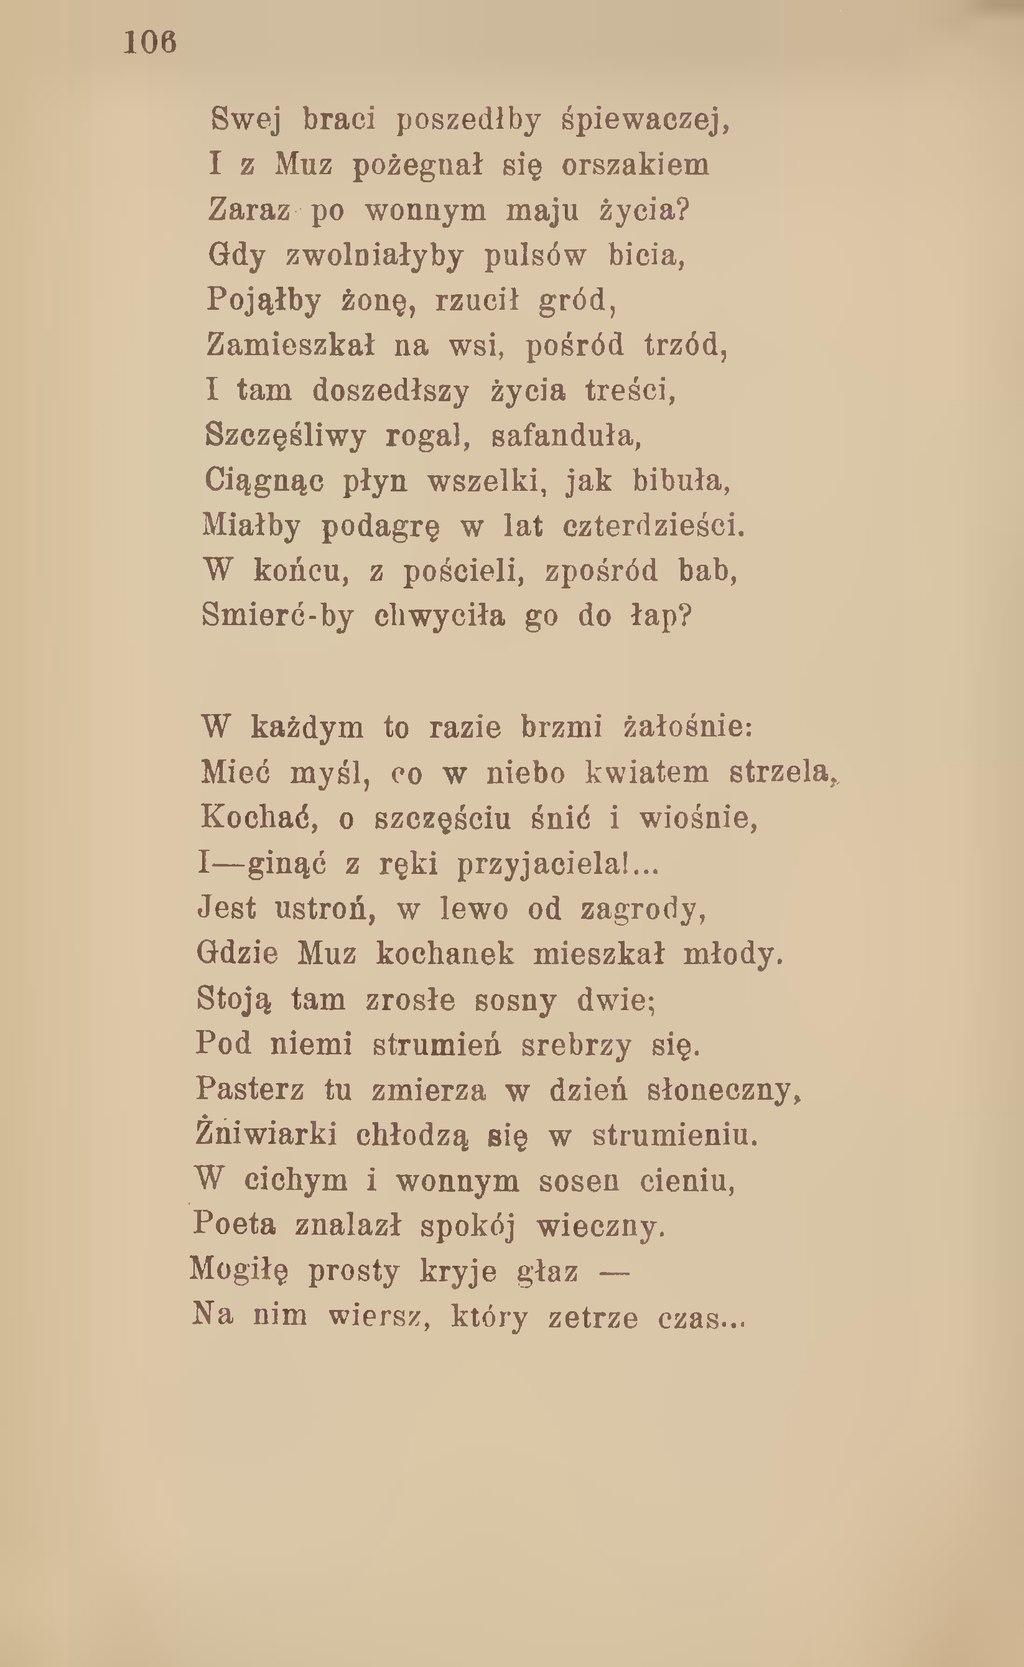 Stronagomulickiego Wiktora Wiersze Zbiór Nowydjvu109